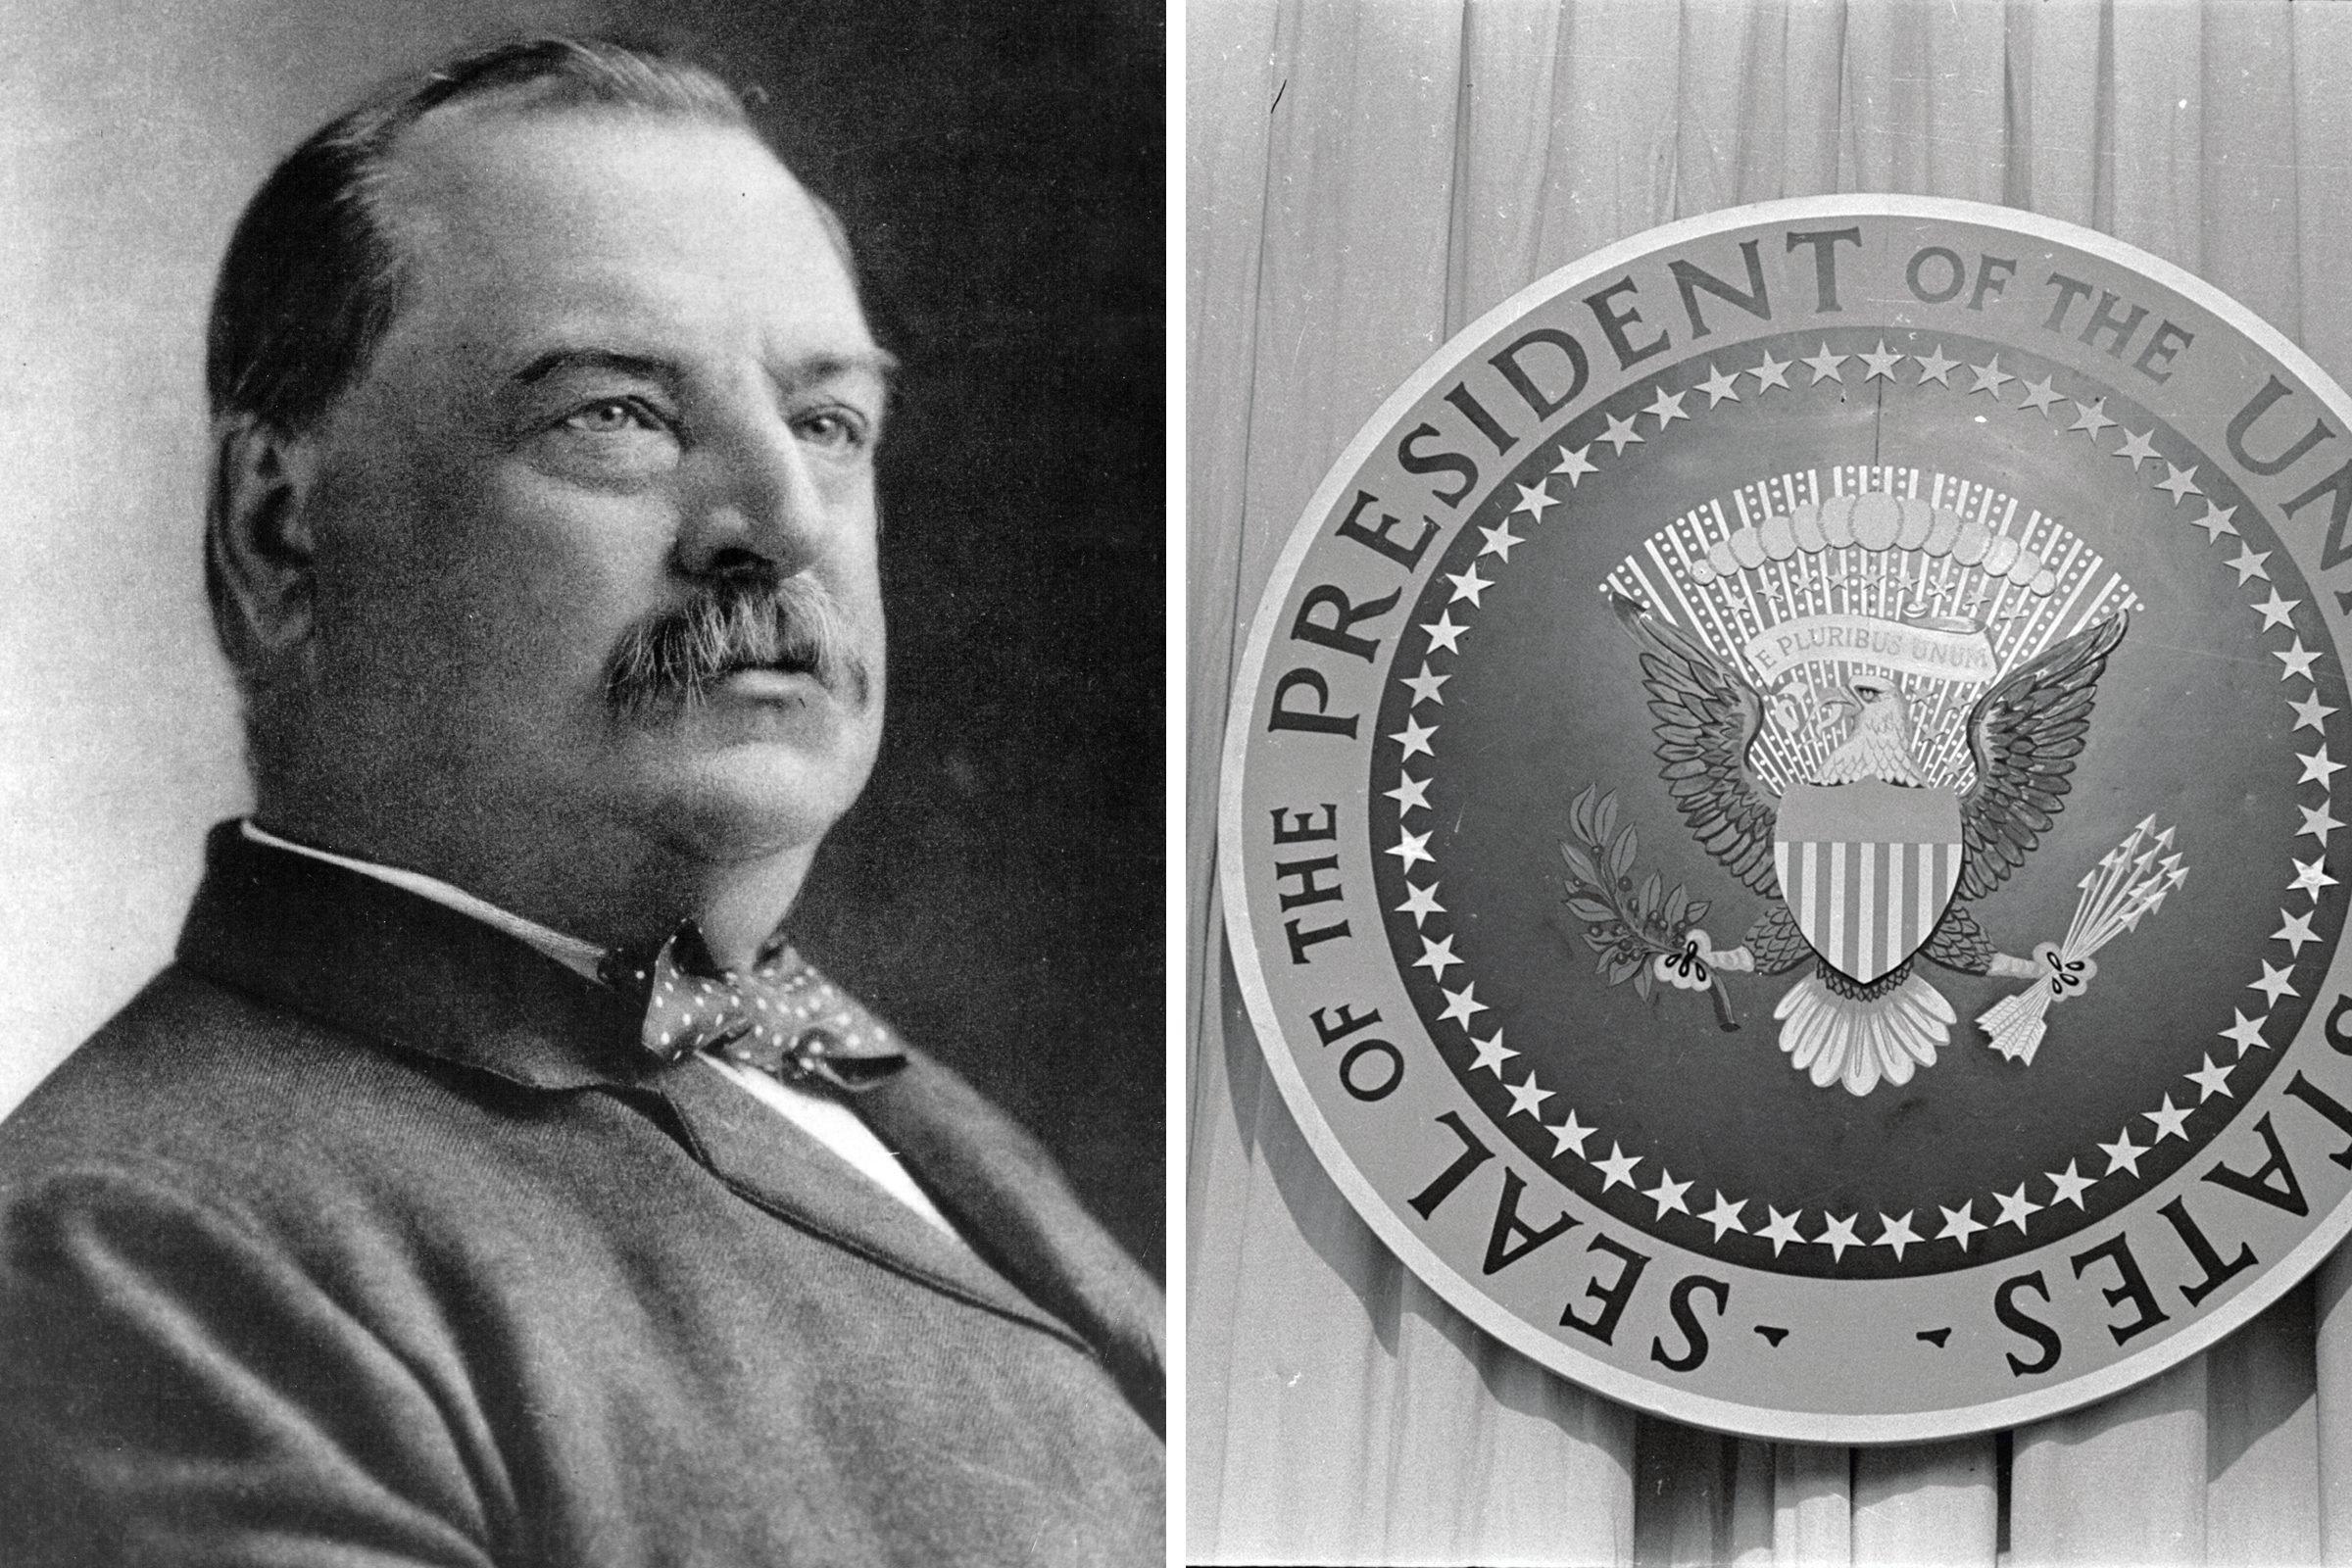 Grover Cleveland: President